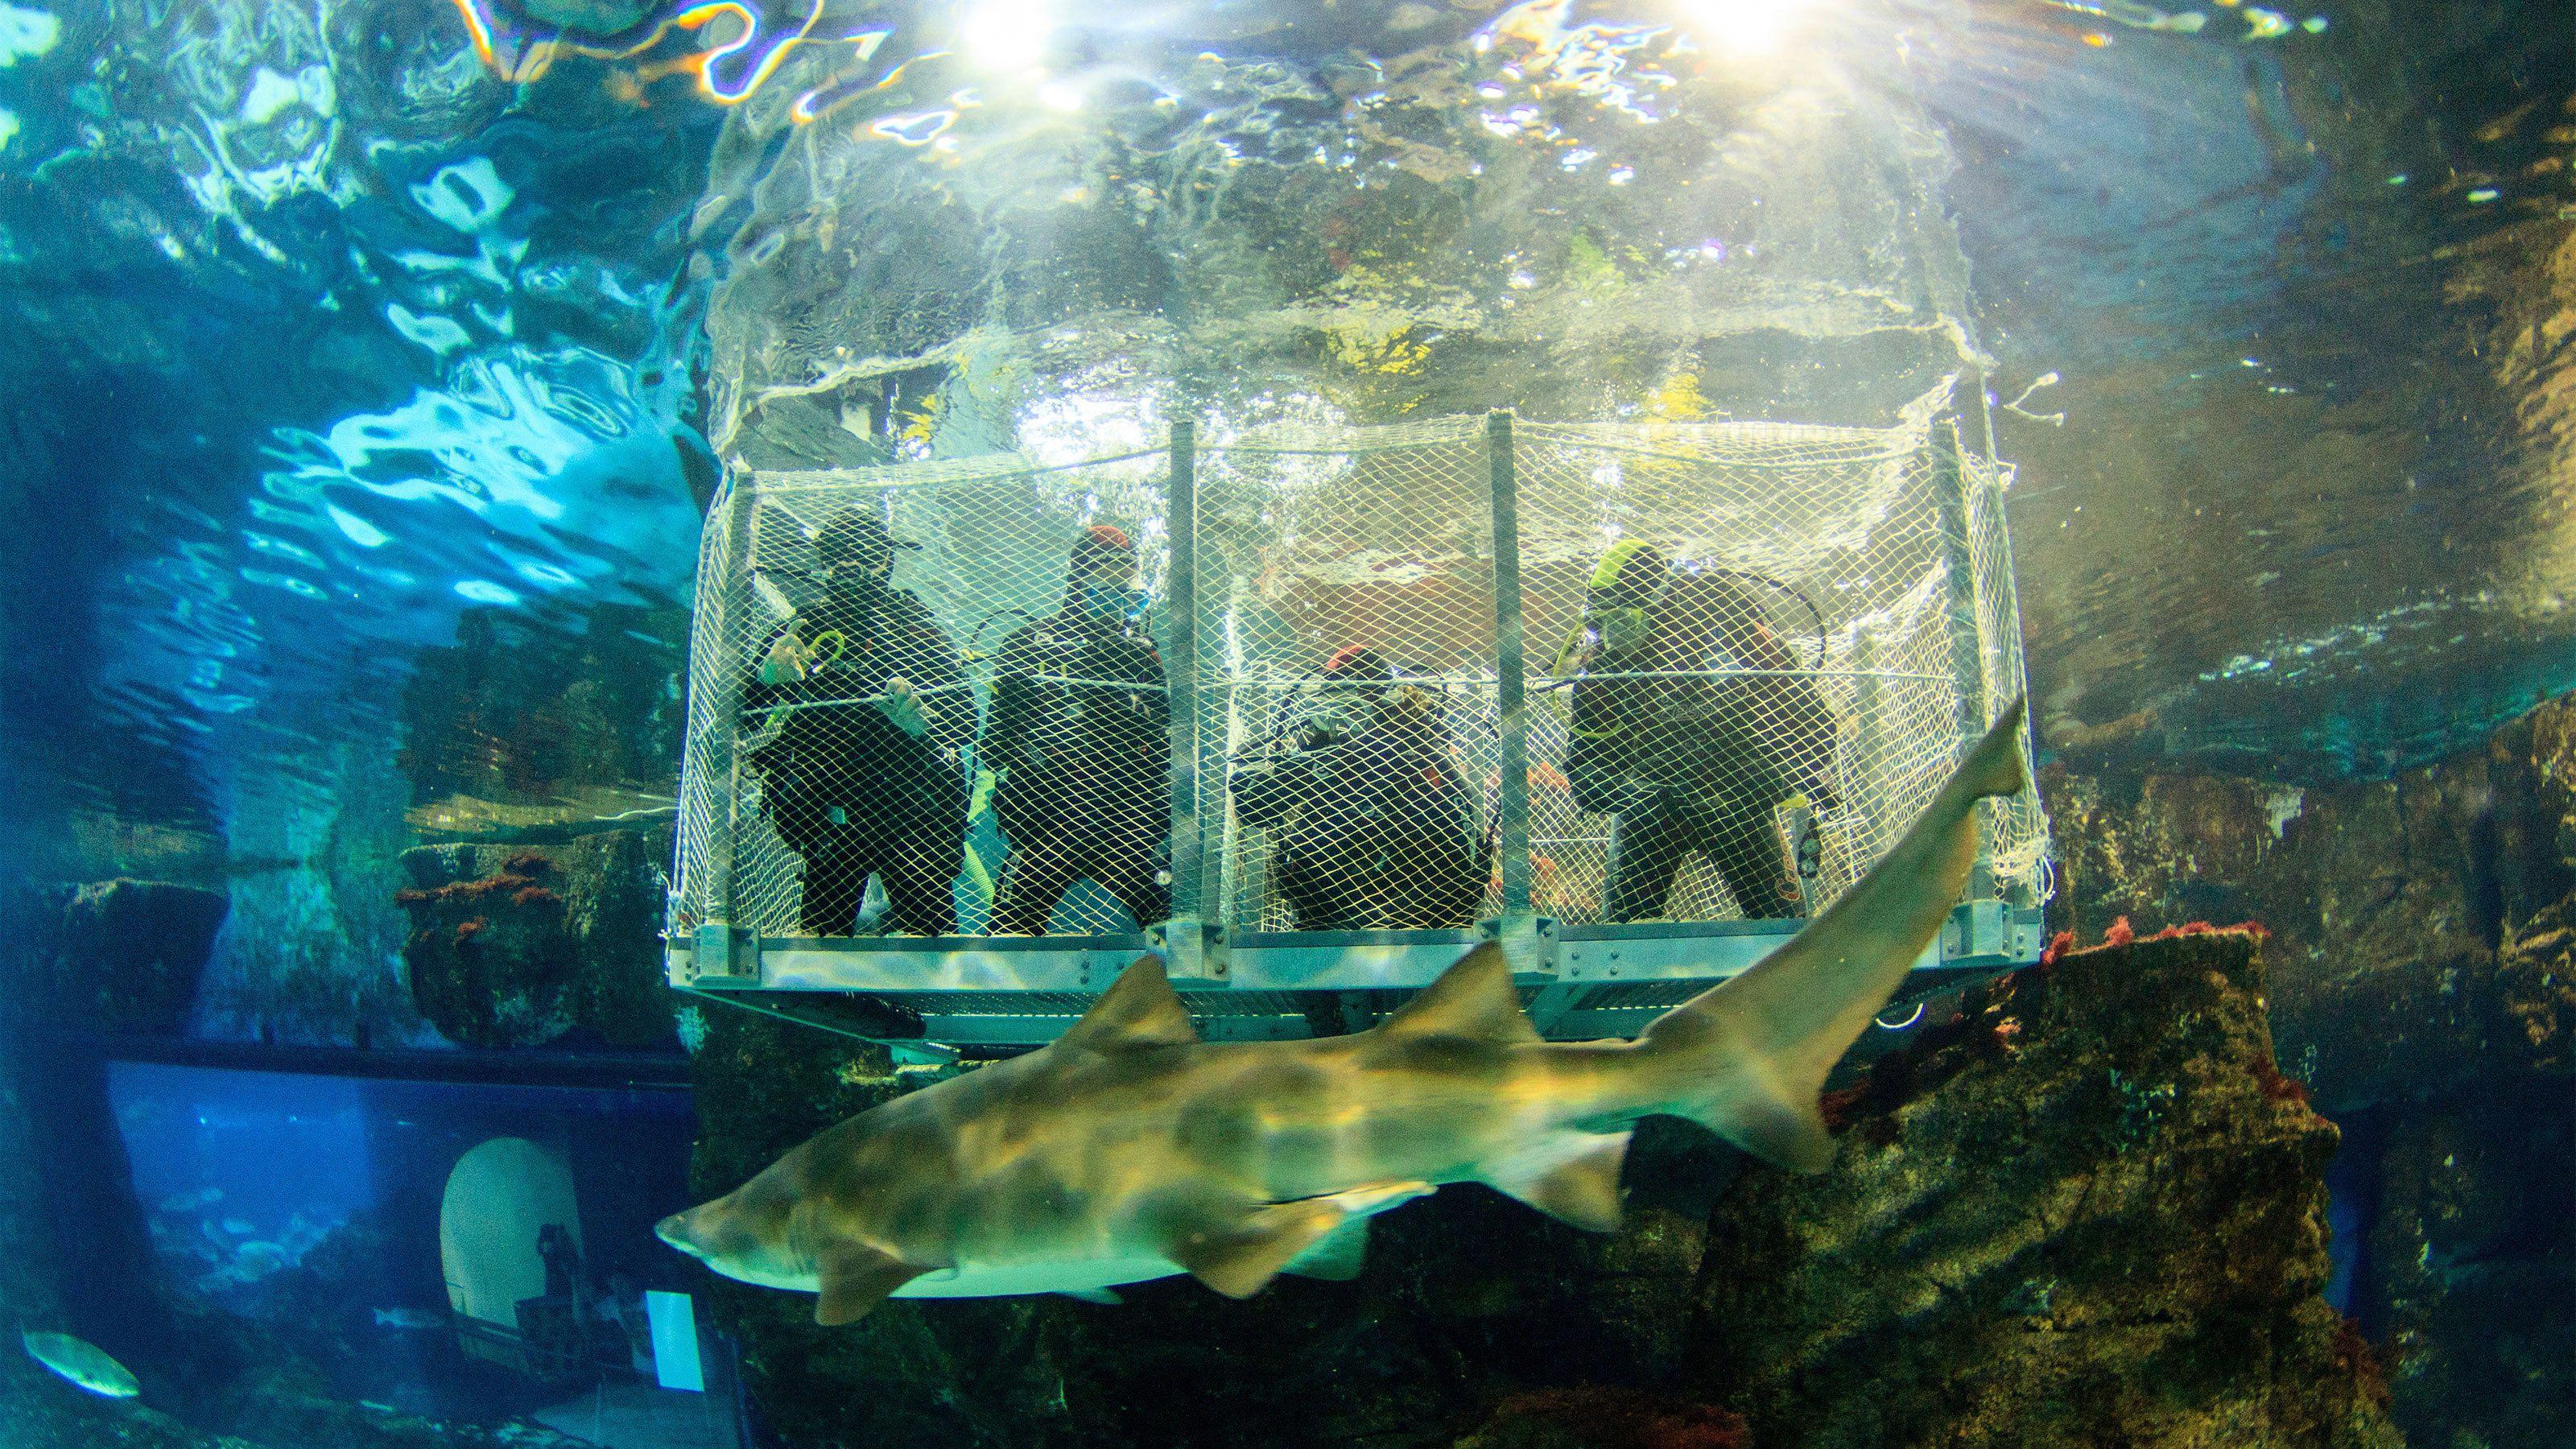 View of a fish at the L'Aquarium Barcelona